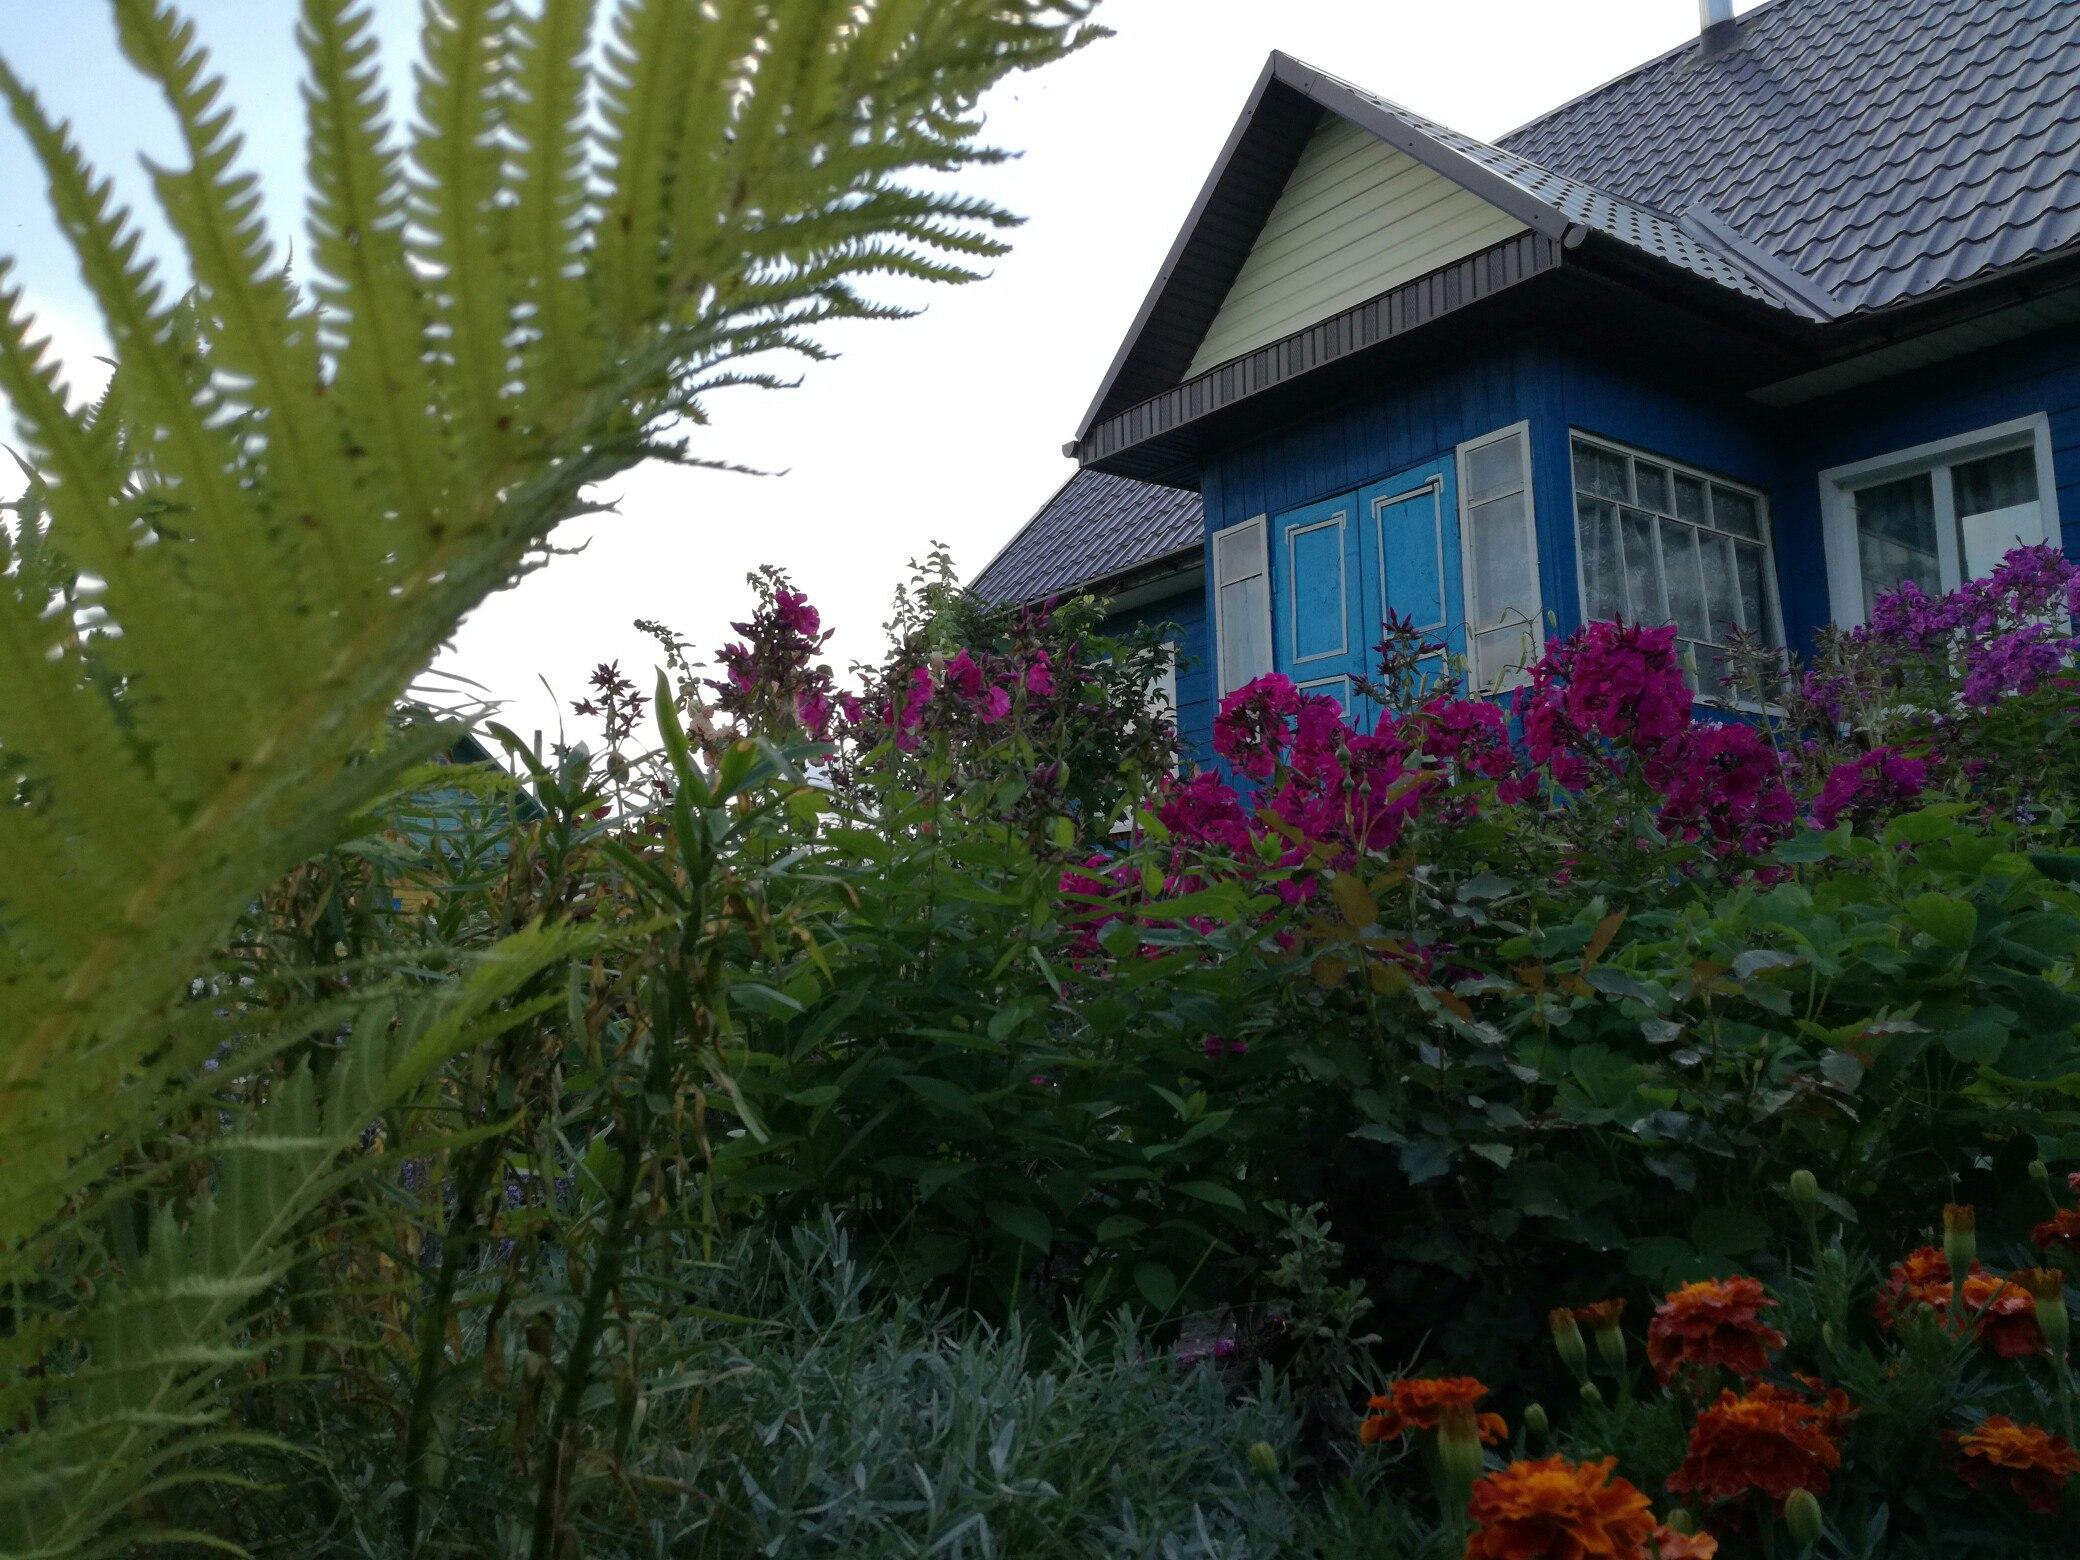 Нюансы покупки дачного участка в садовом товариществе